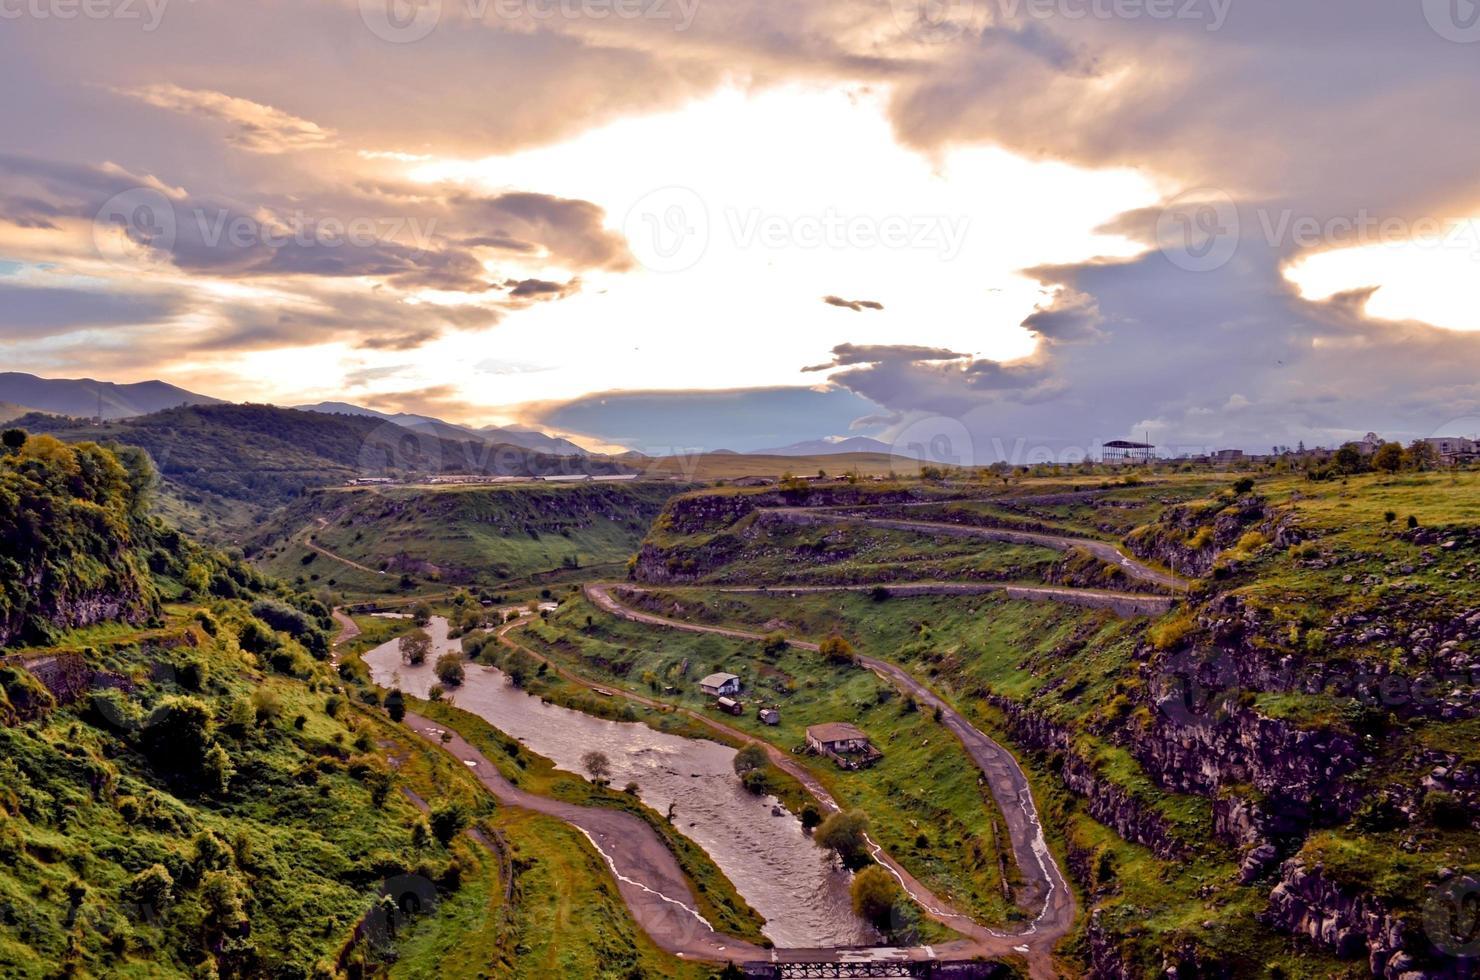 desfiladeiro do rio dzoraget ao pôr do sol foto